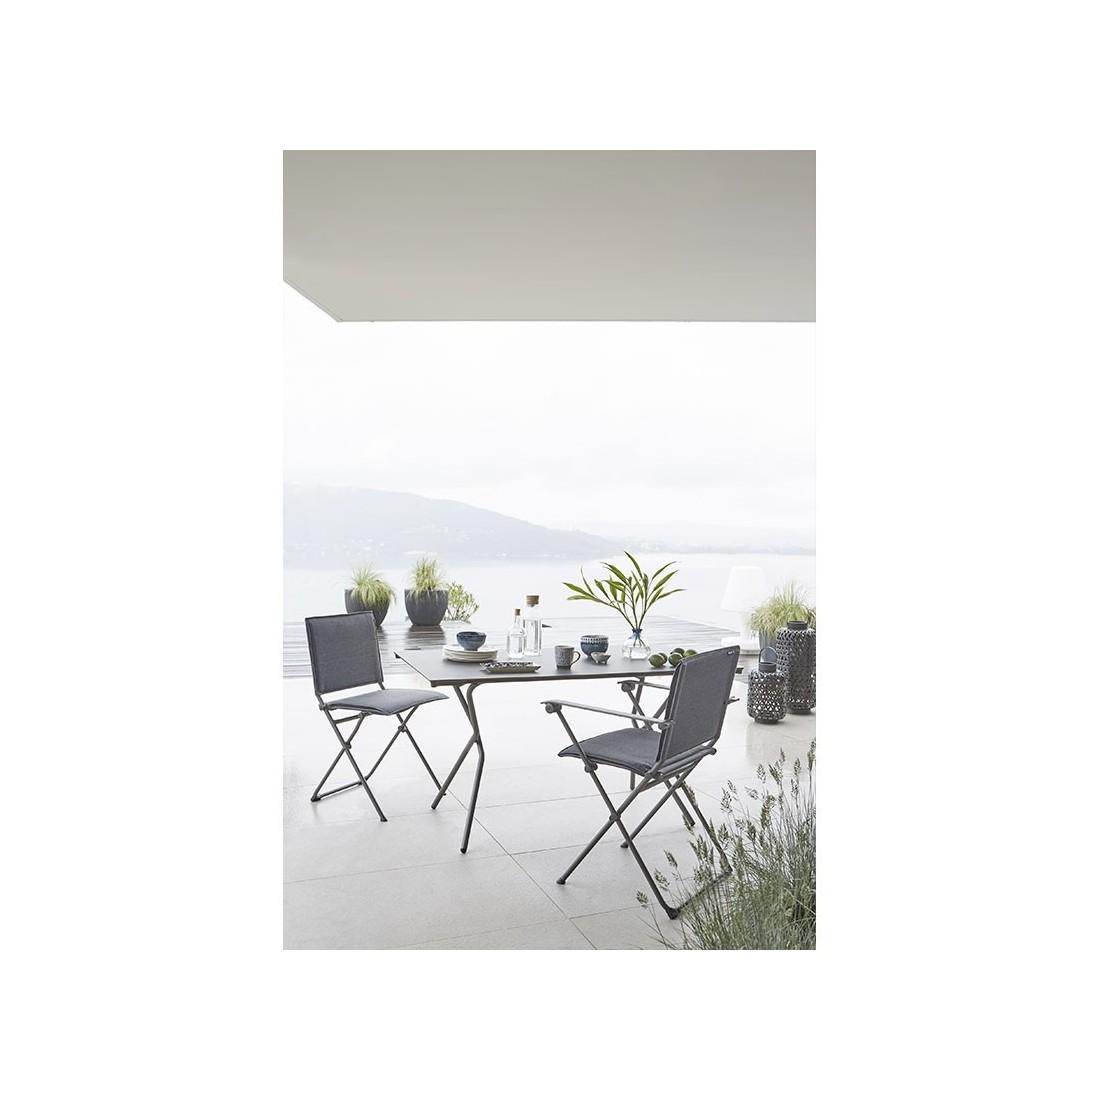 Chaise pliante ANYTIME de Lafuma, ambiance cocooning et bien-être ...